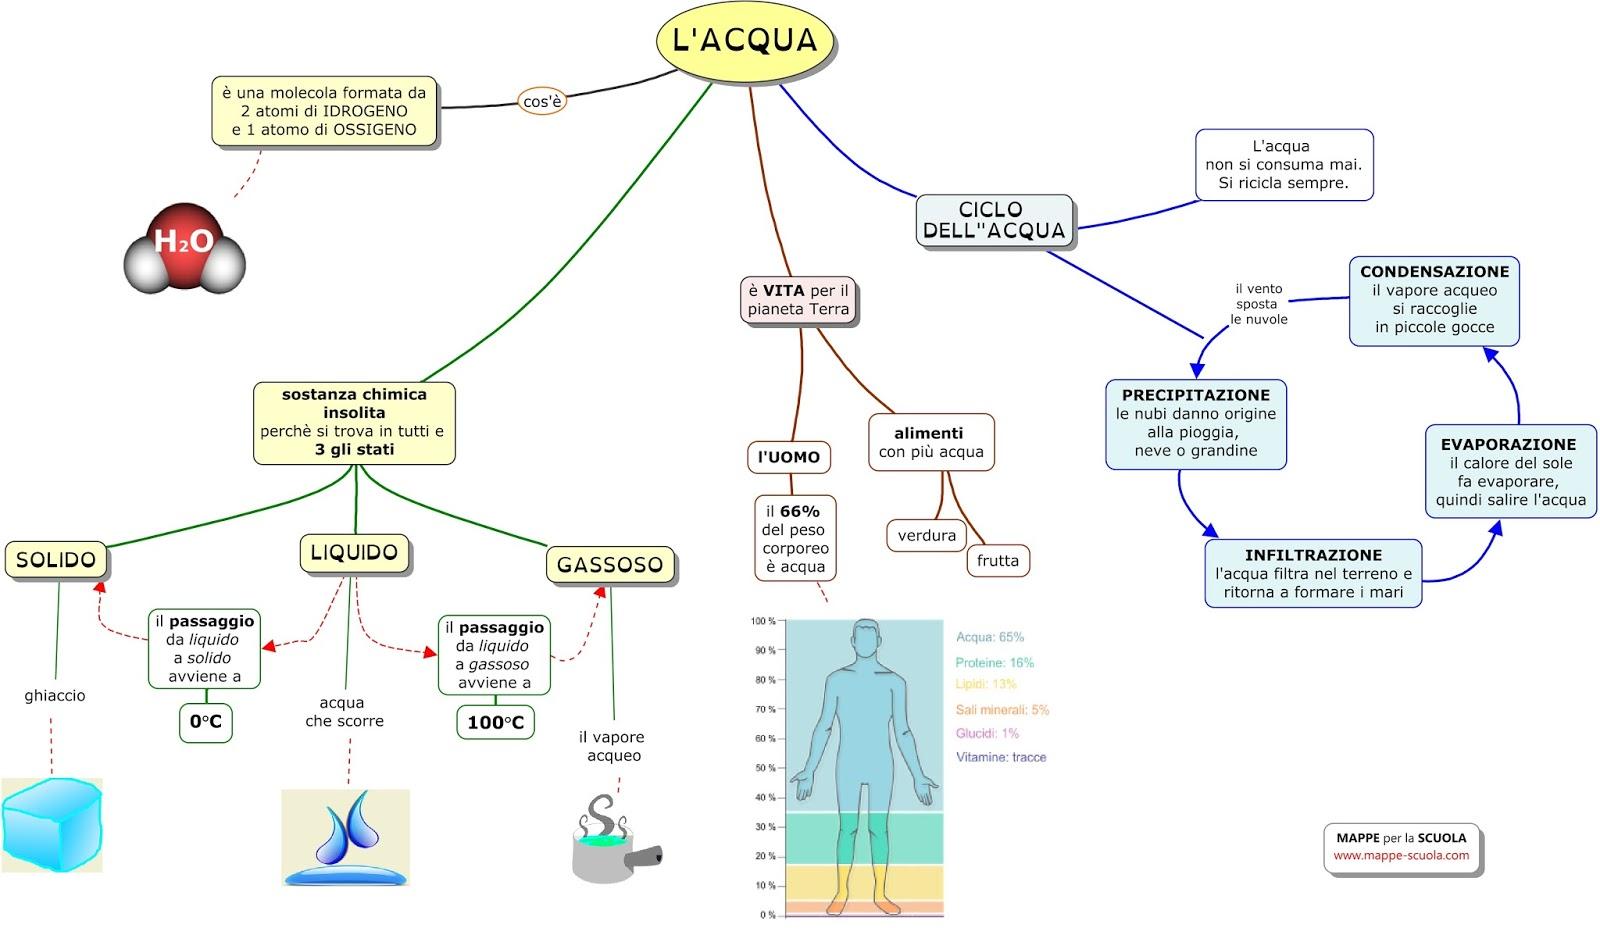 Mappe per la scuola l 39 acqua il ciclo dell 39 acqua for Tipi di rubinetti dell acqua esterni